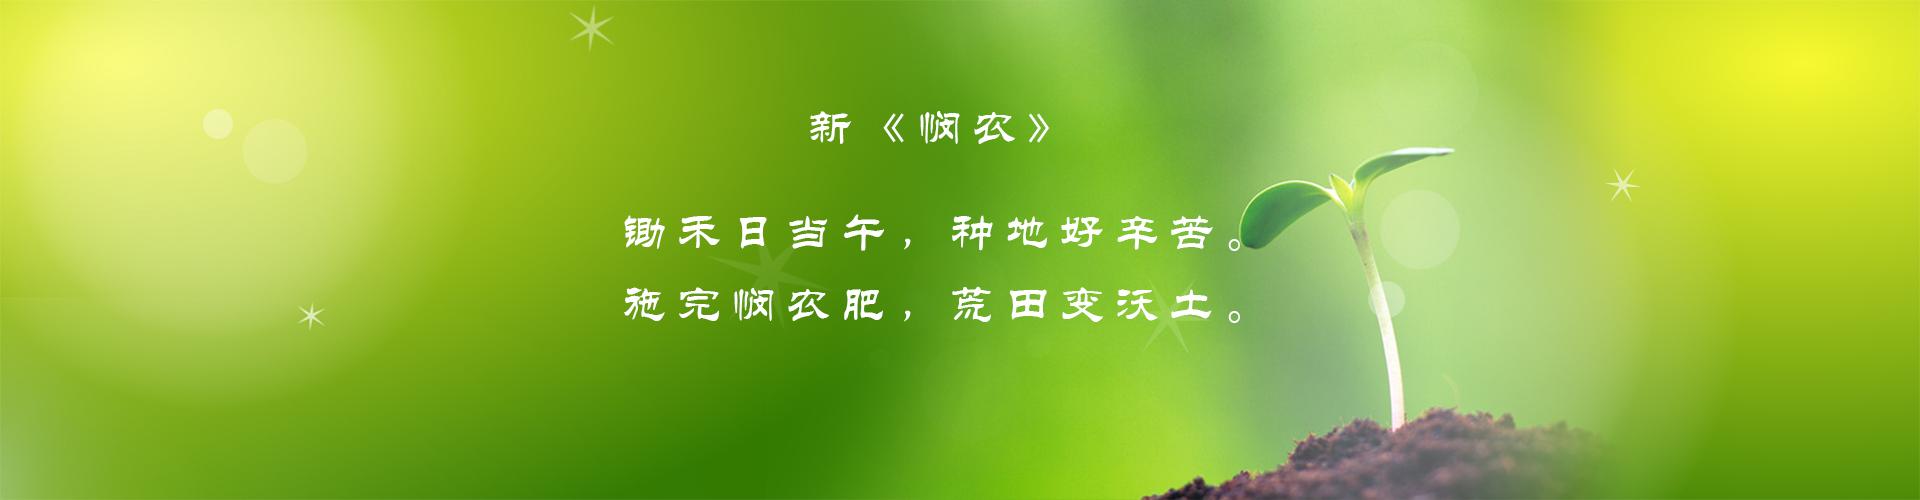 河北憫農農業科技開發有限公司